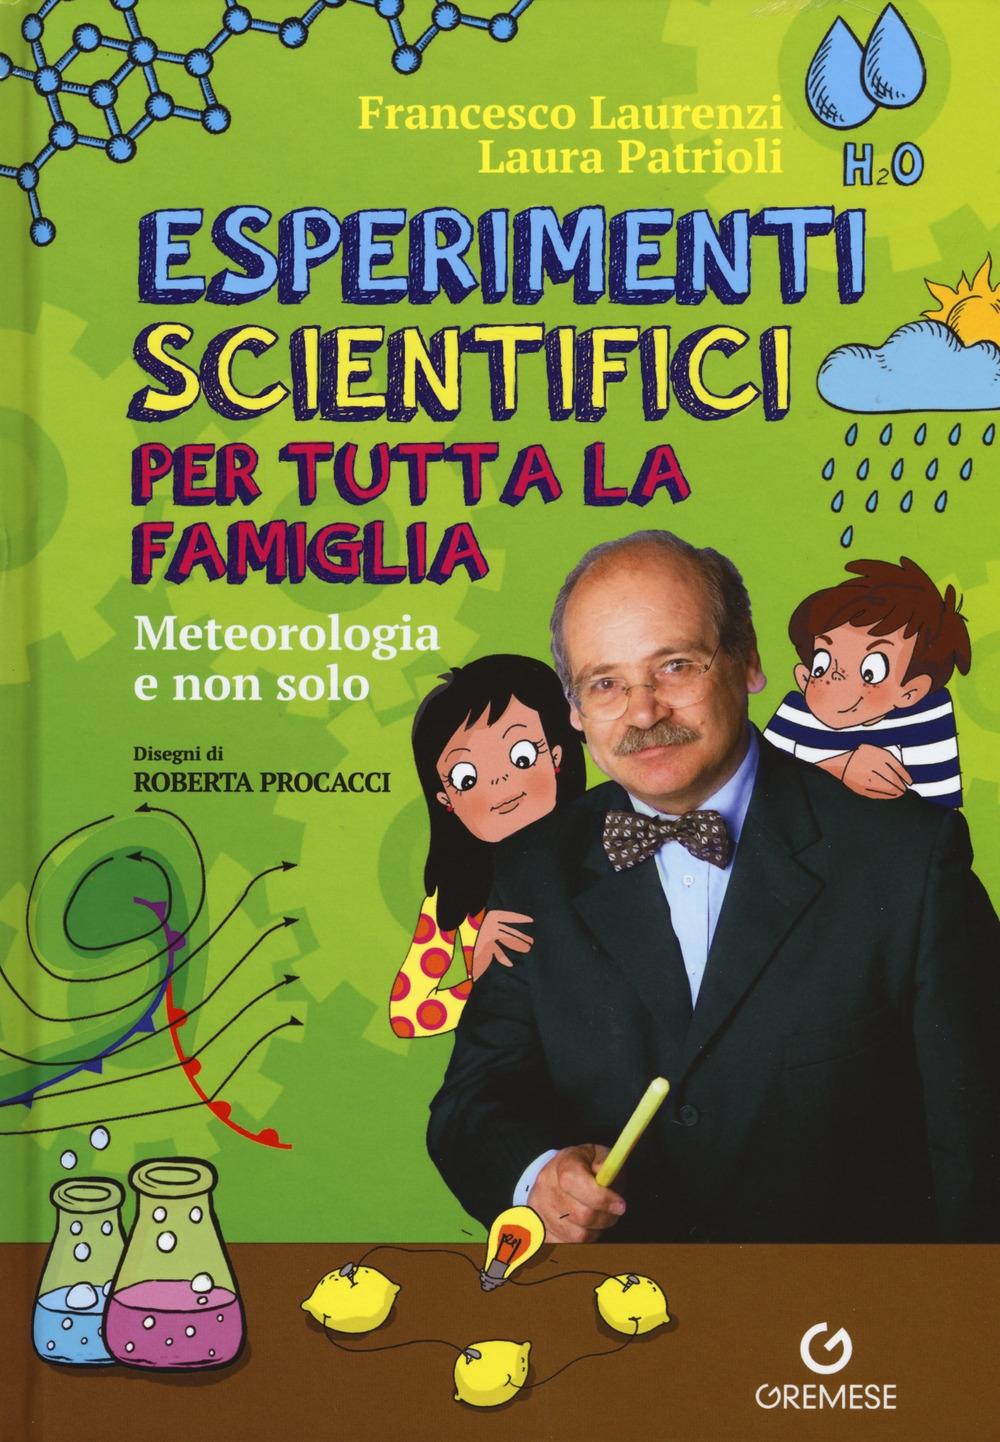 Esperimenti scientifici per tutta la famiglia